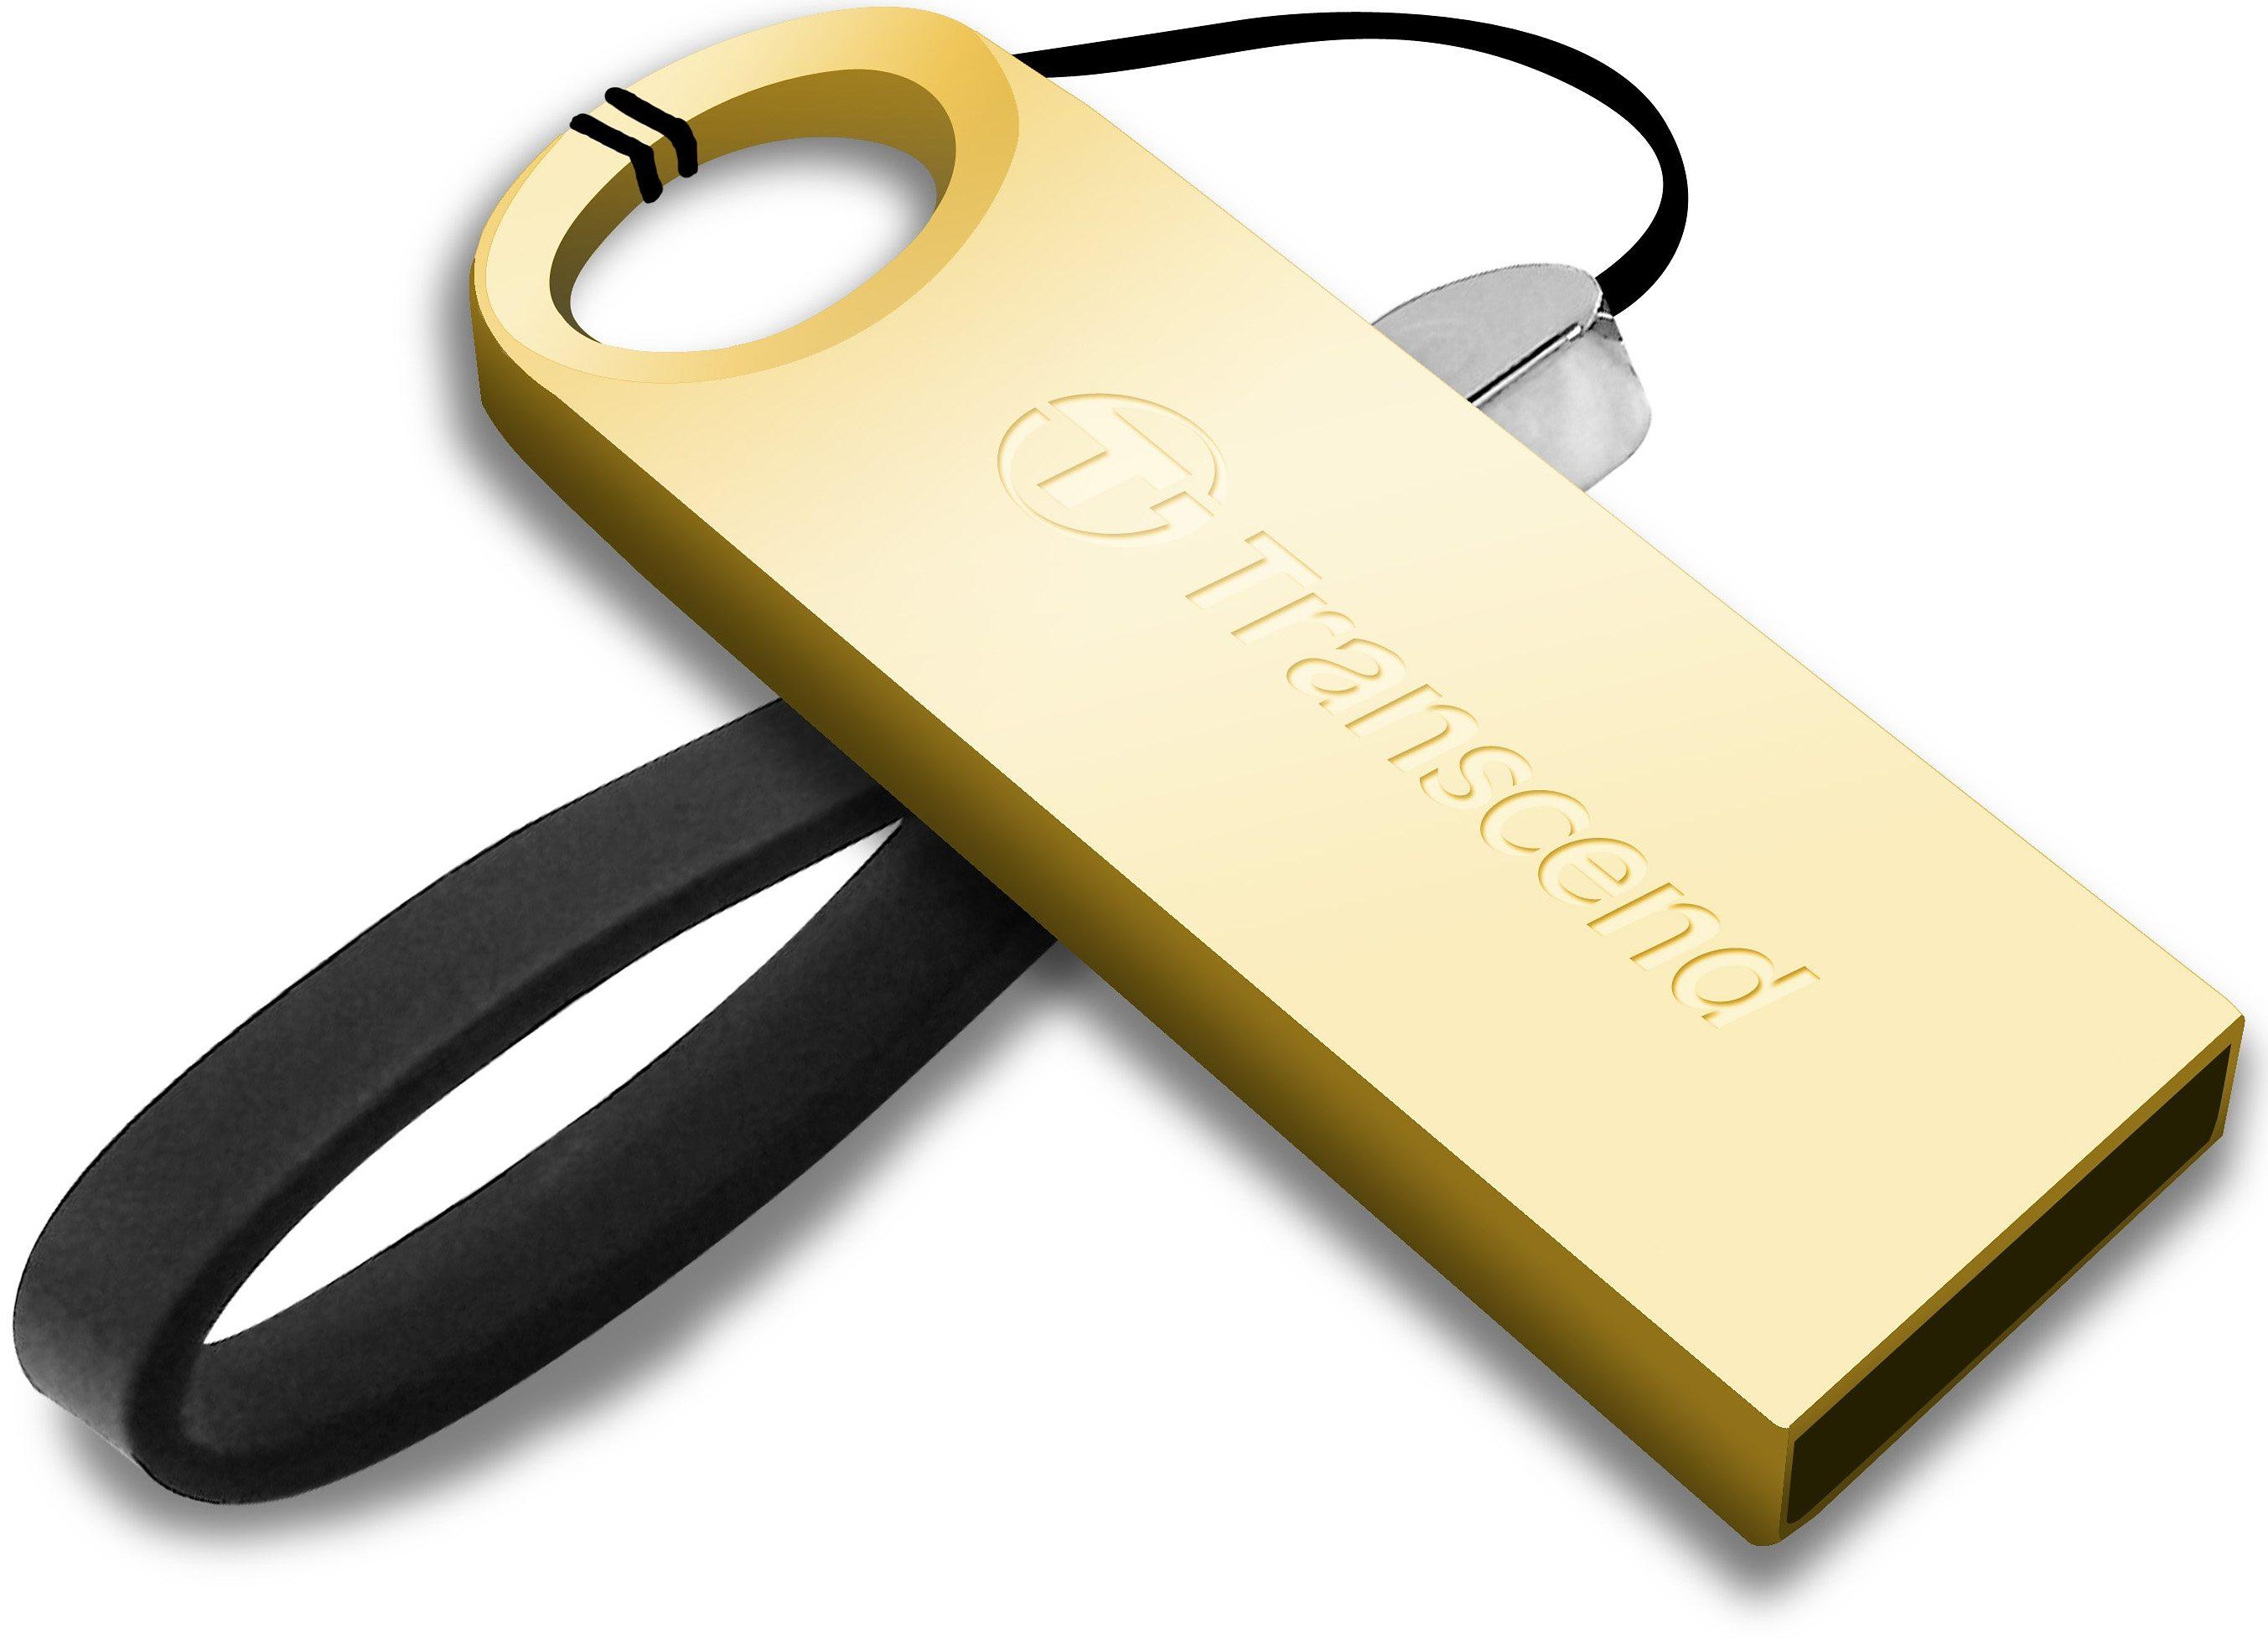 Transcend 32GB JetFlash 520G USB-Stick mit Metallgehäuse USB 2.0